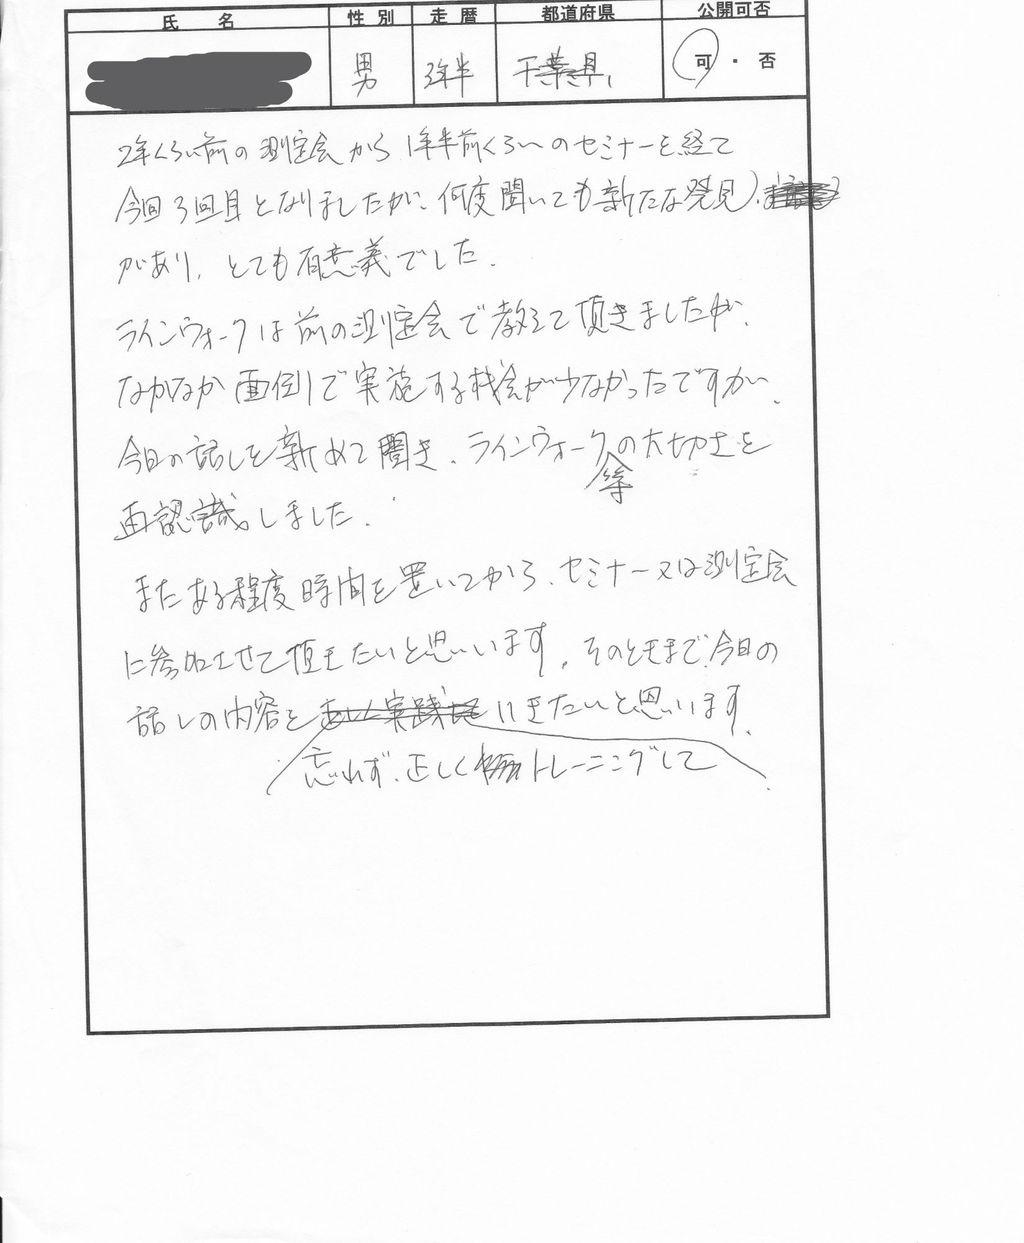 2012年6月東京・静岡セミナー感想_0001_copy